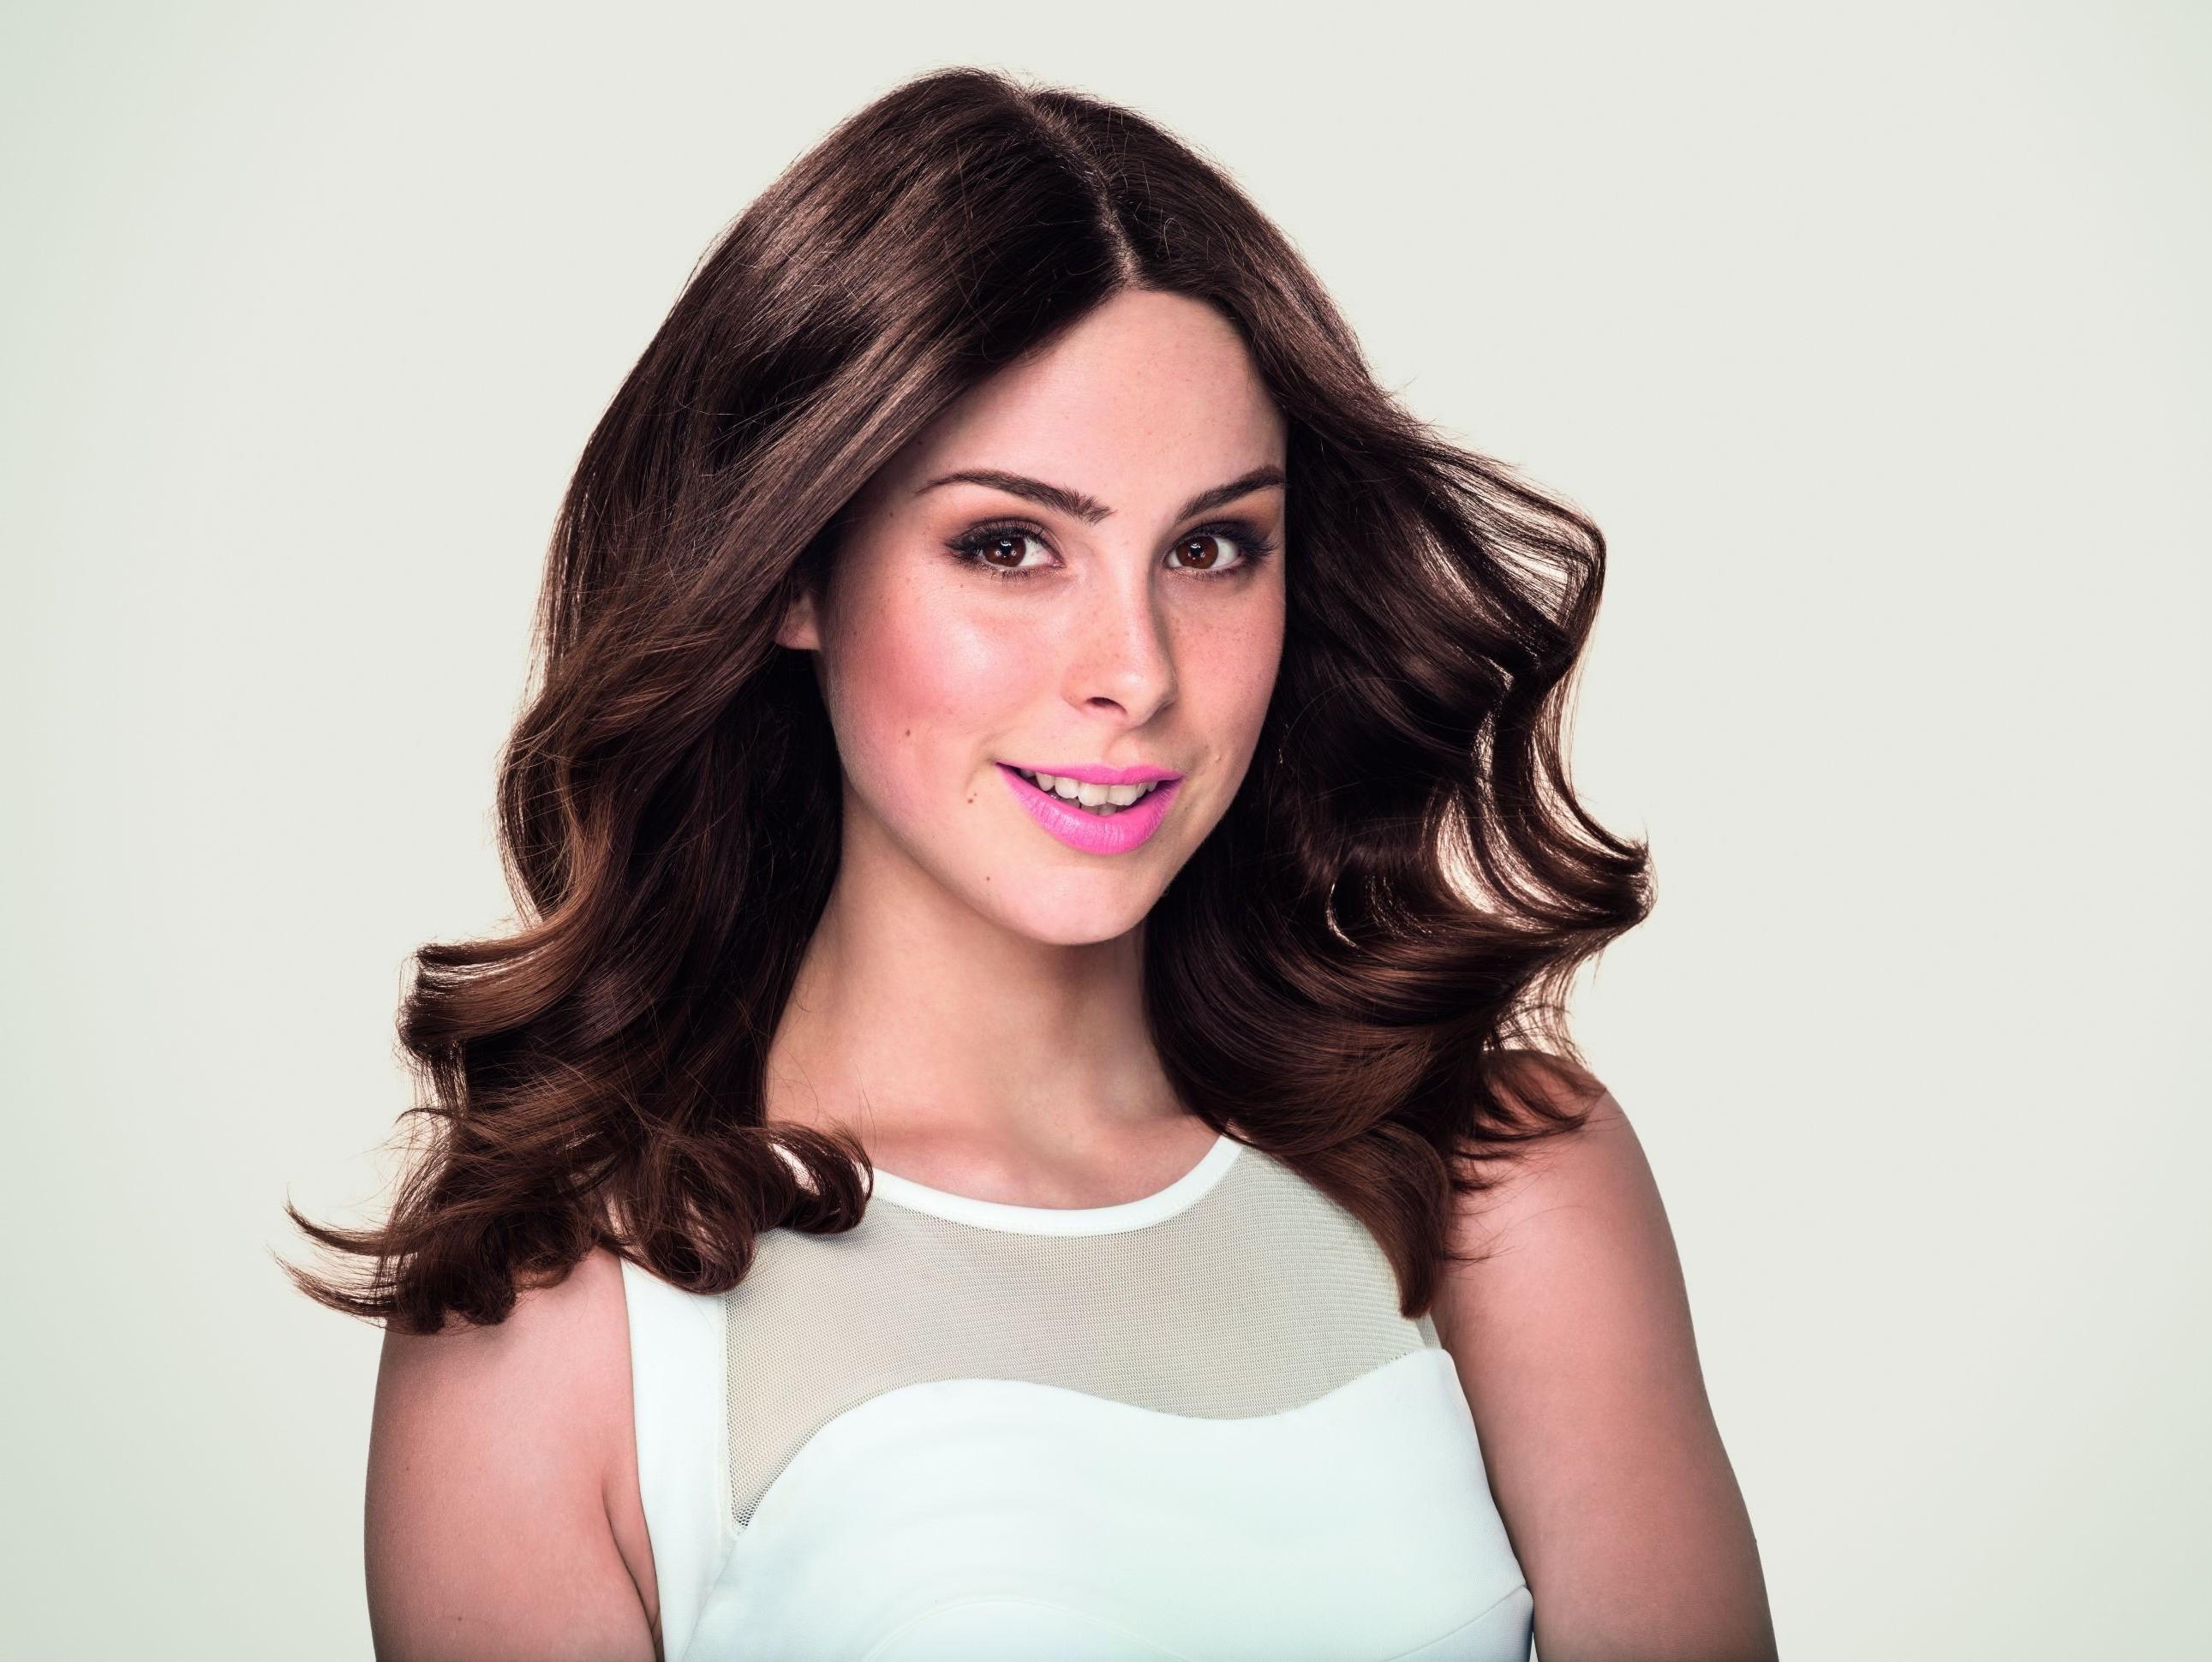 Hintergrundbilder Gesicht Frau Modell Portrat Lange Haare